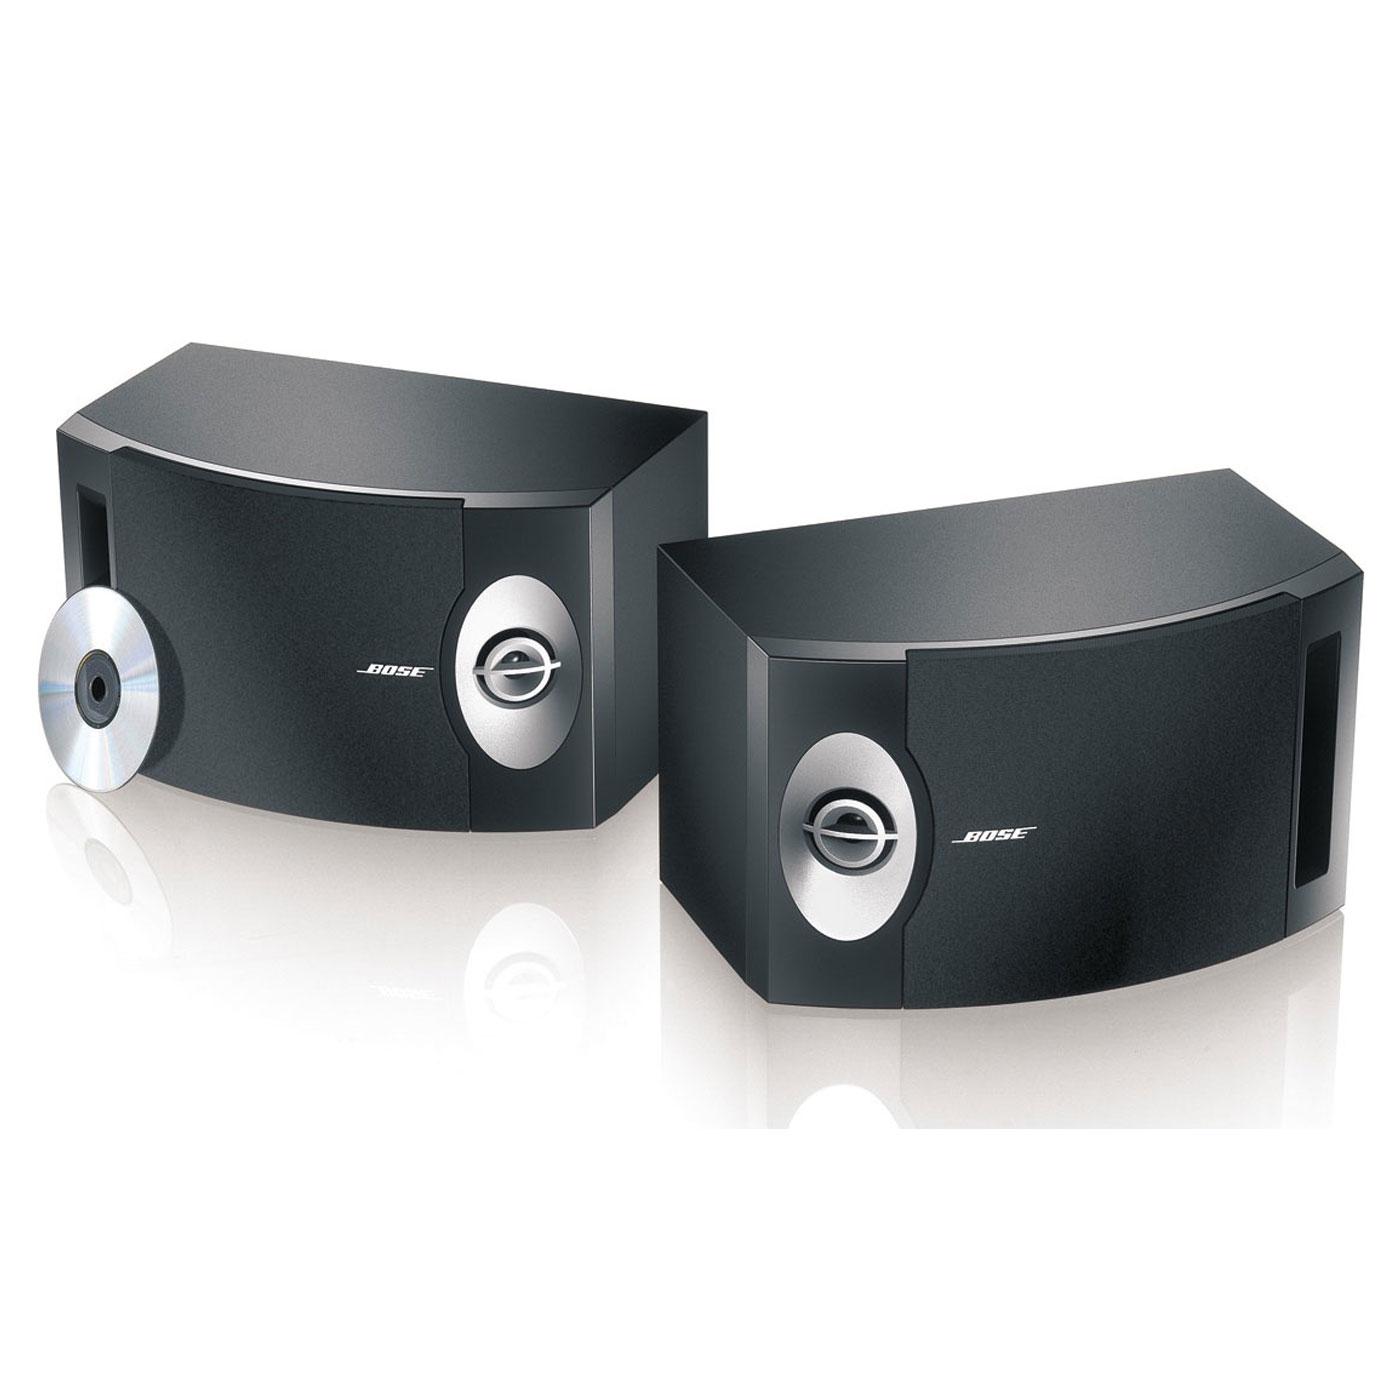 Enceintes Hifi Bose 301V Noir Enceinte compacte stéréo Direct/Reflecting (par paire)